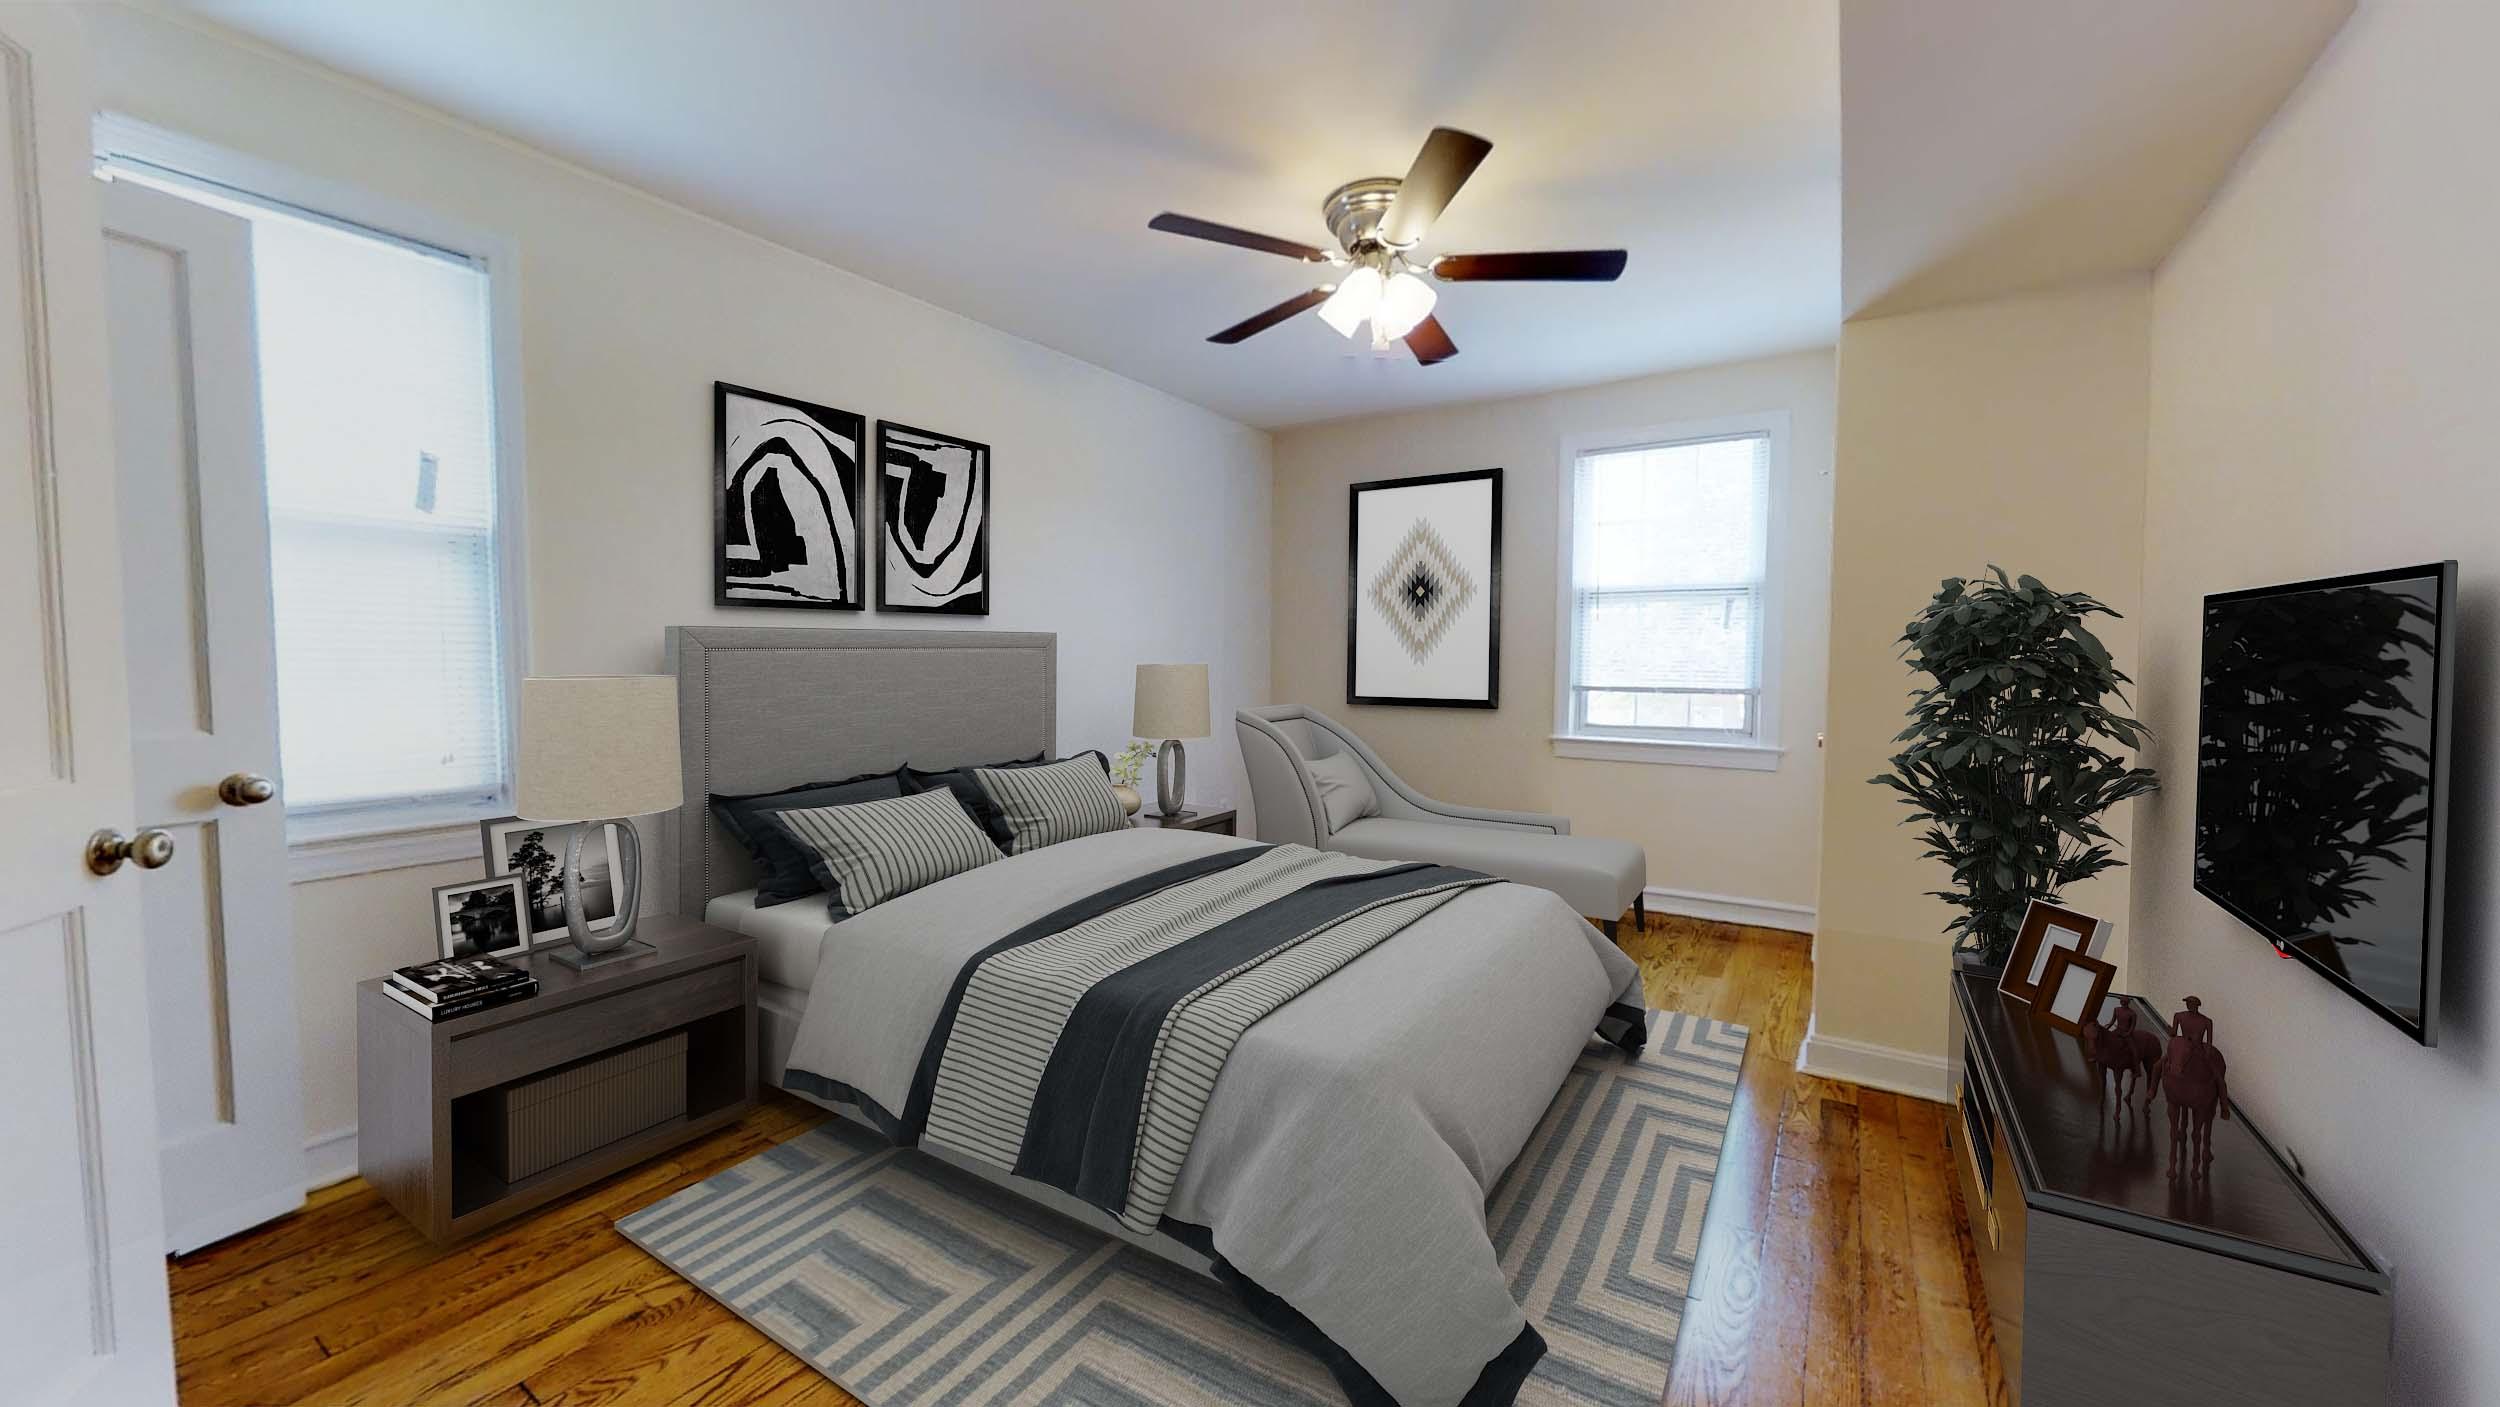 Crescent-Park-Apartments-1-Bedroom-for-Rent-DC-Bedroom-min